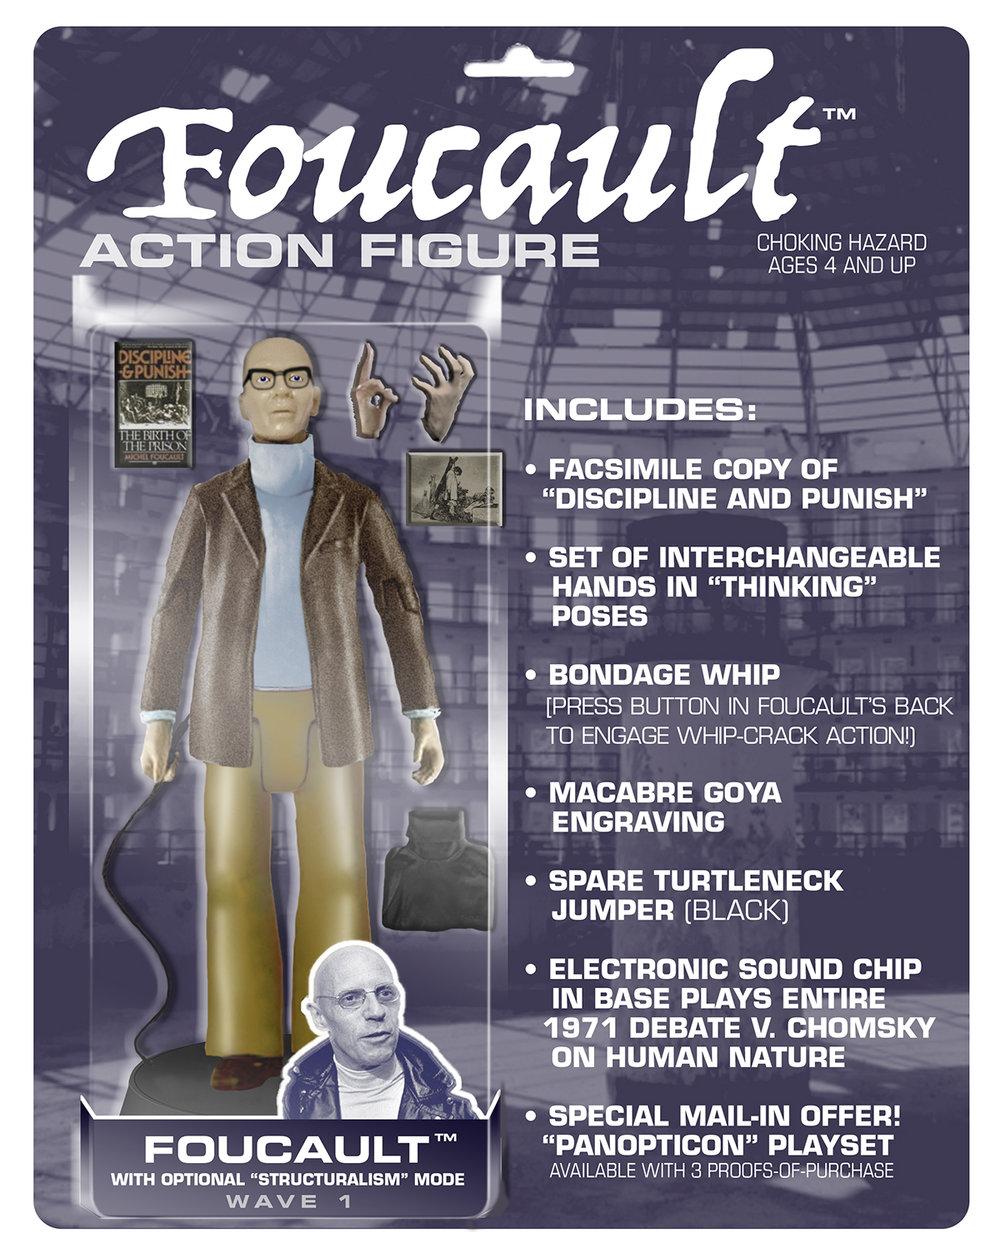 Foucault-1.jpg